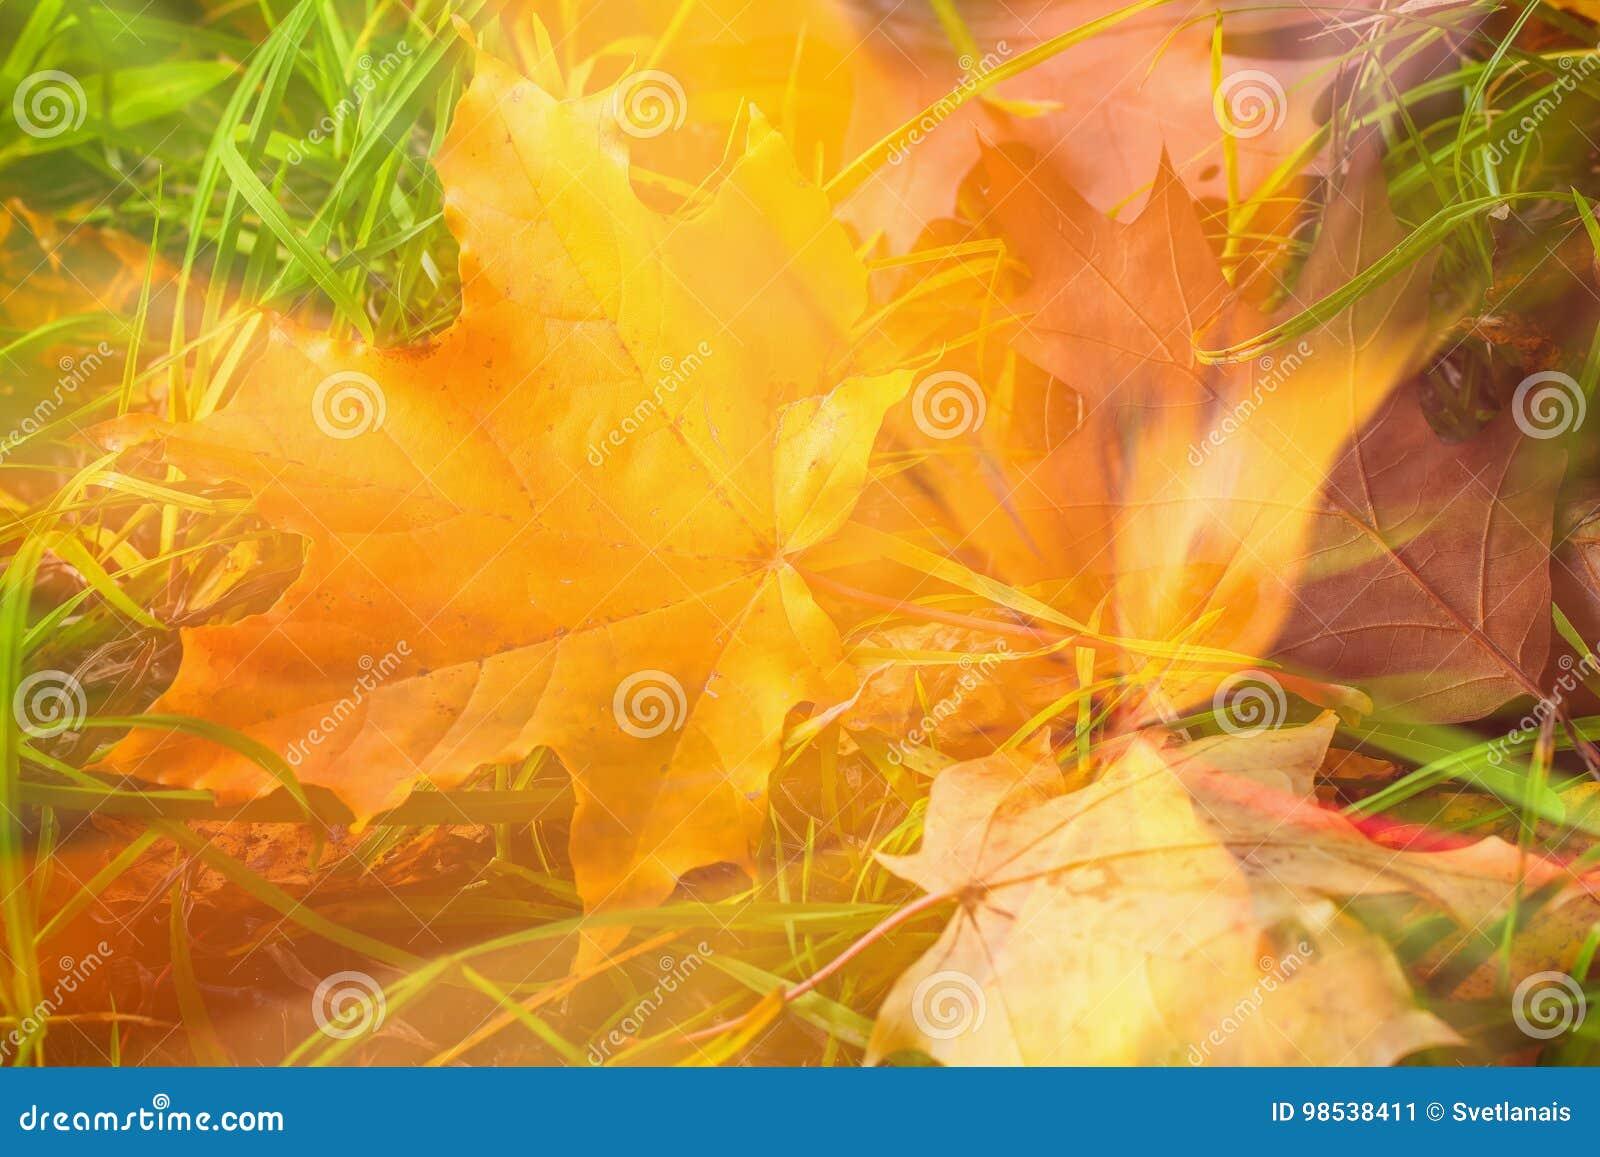 Abstracte de herfstachtergrond Vaag gevallen kleurrijk de herfstblad van esdoorn in gras, natuurlijk dalingsart.